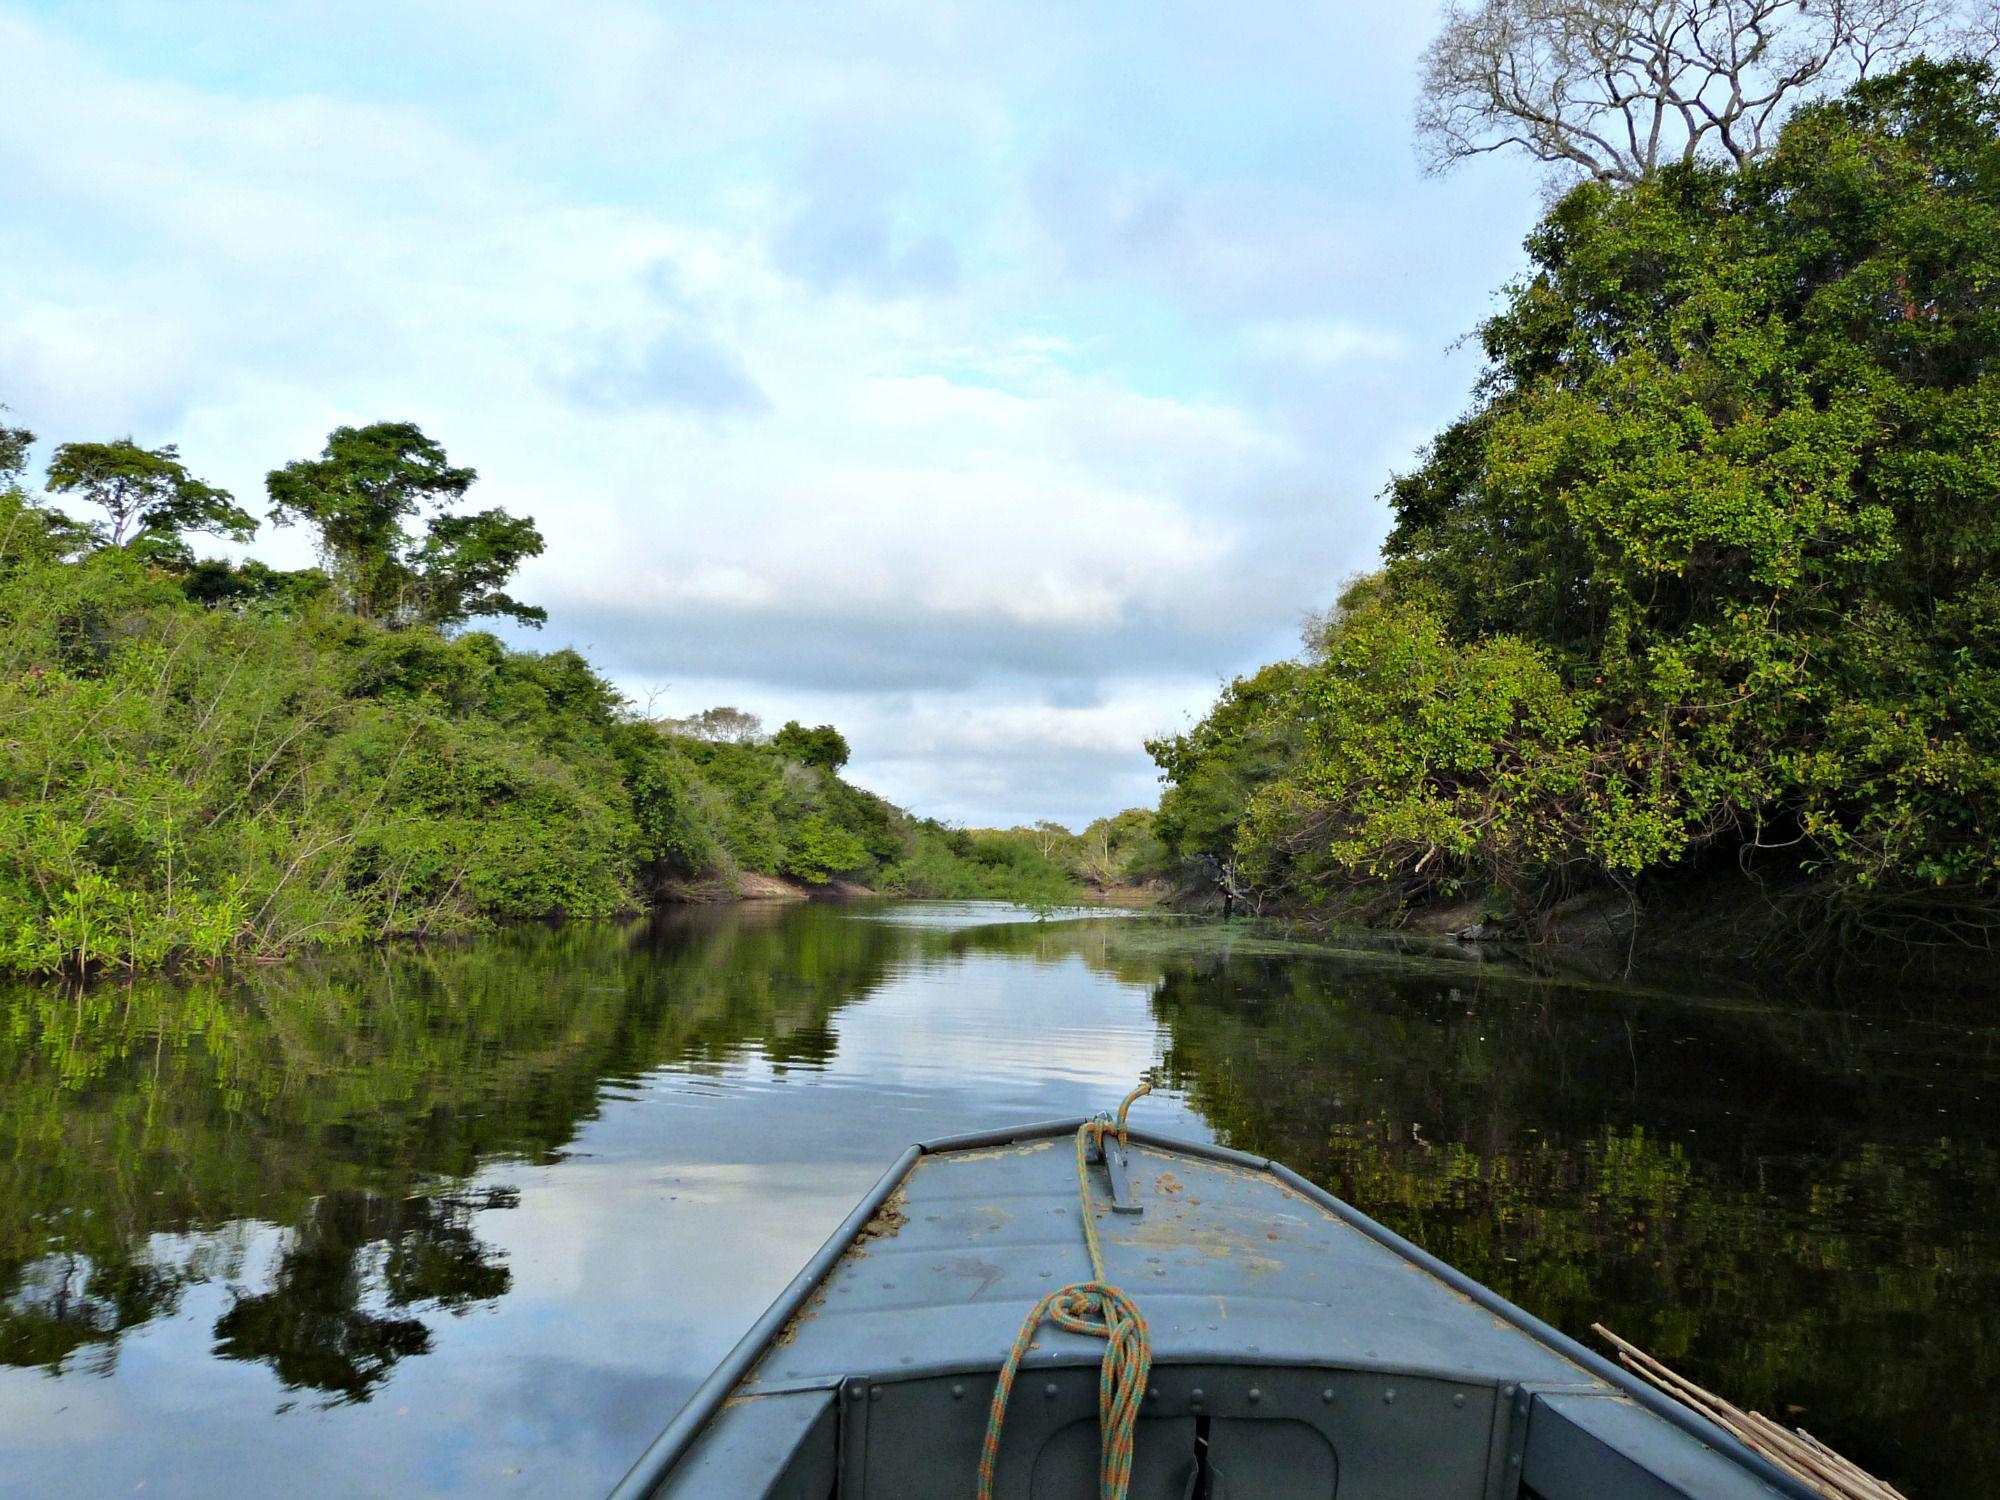 pantanal-brazilie-boottocht-rivier